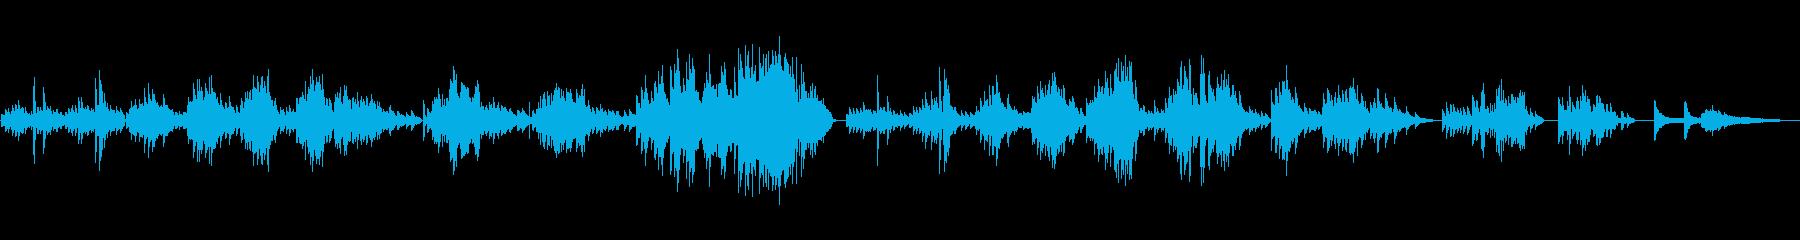 抒情小曲集より「ノクターン」の再生済みの波形